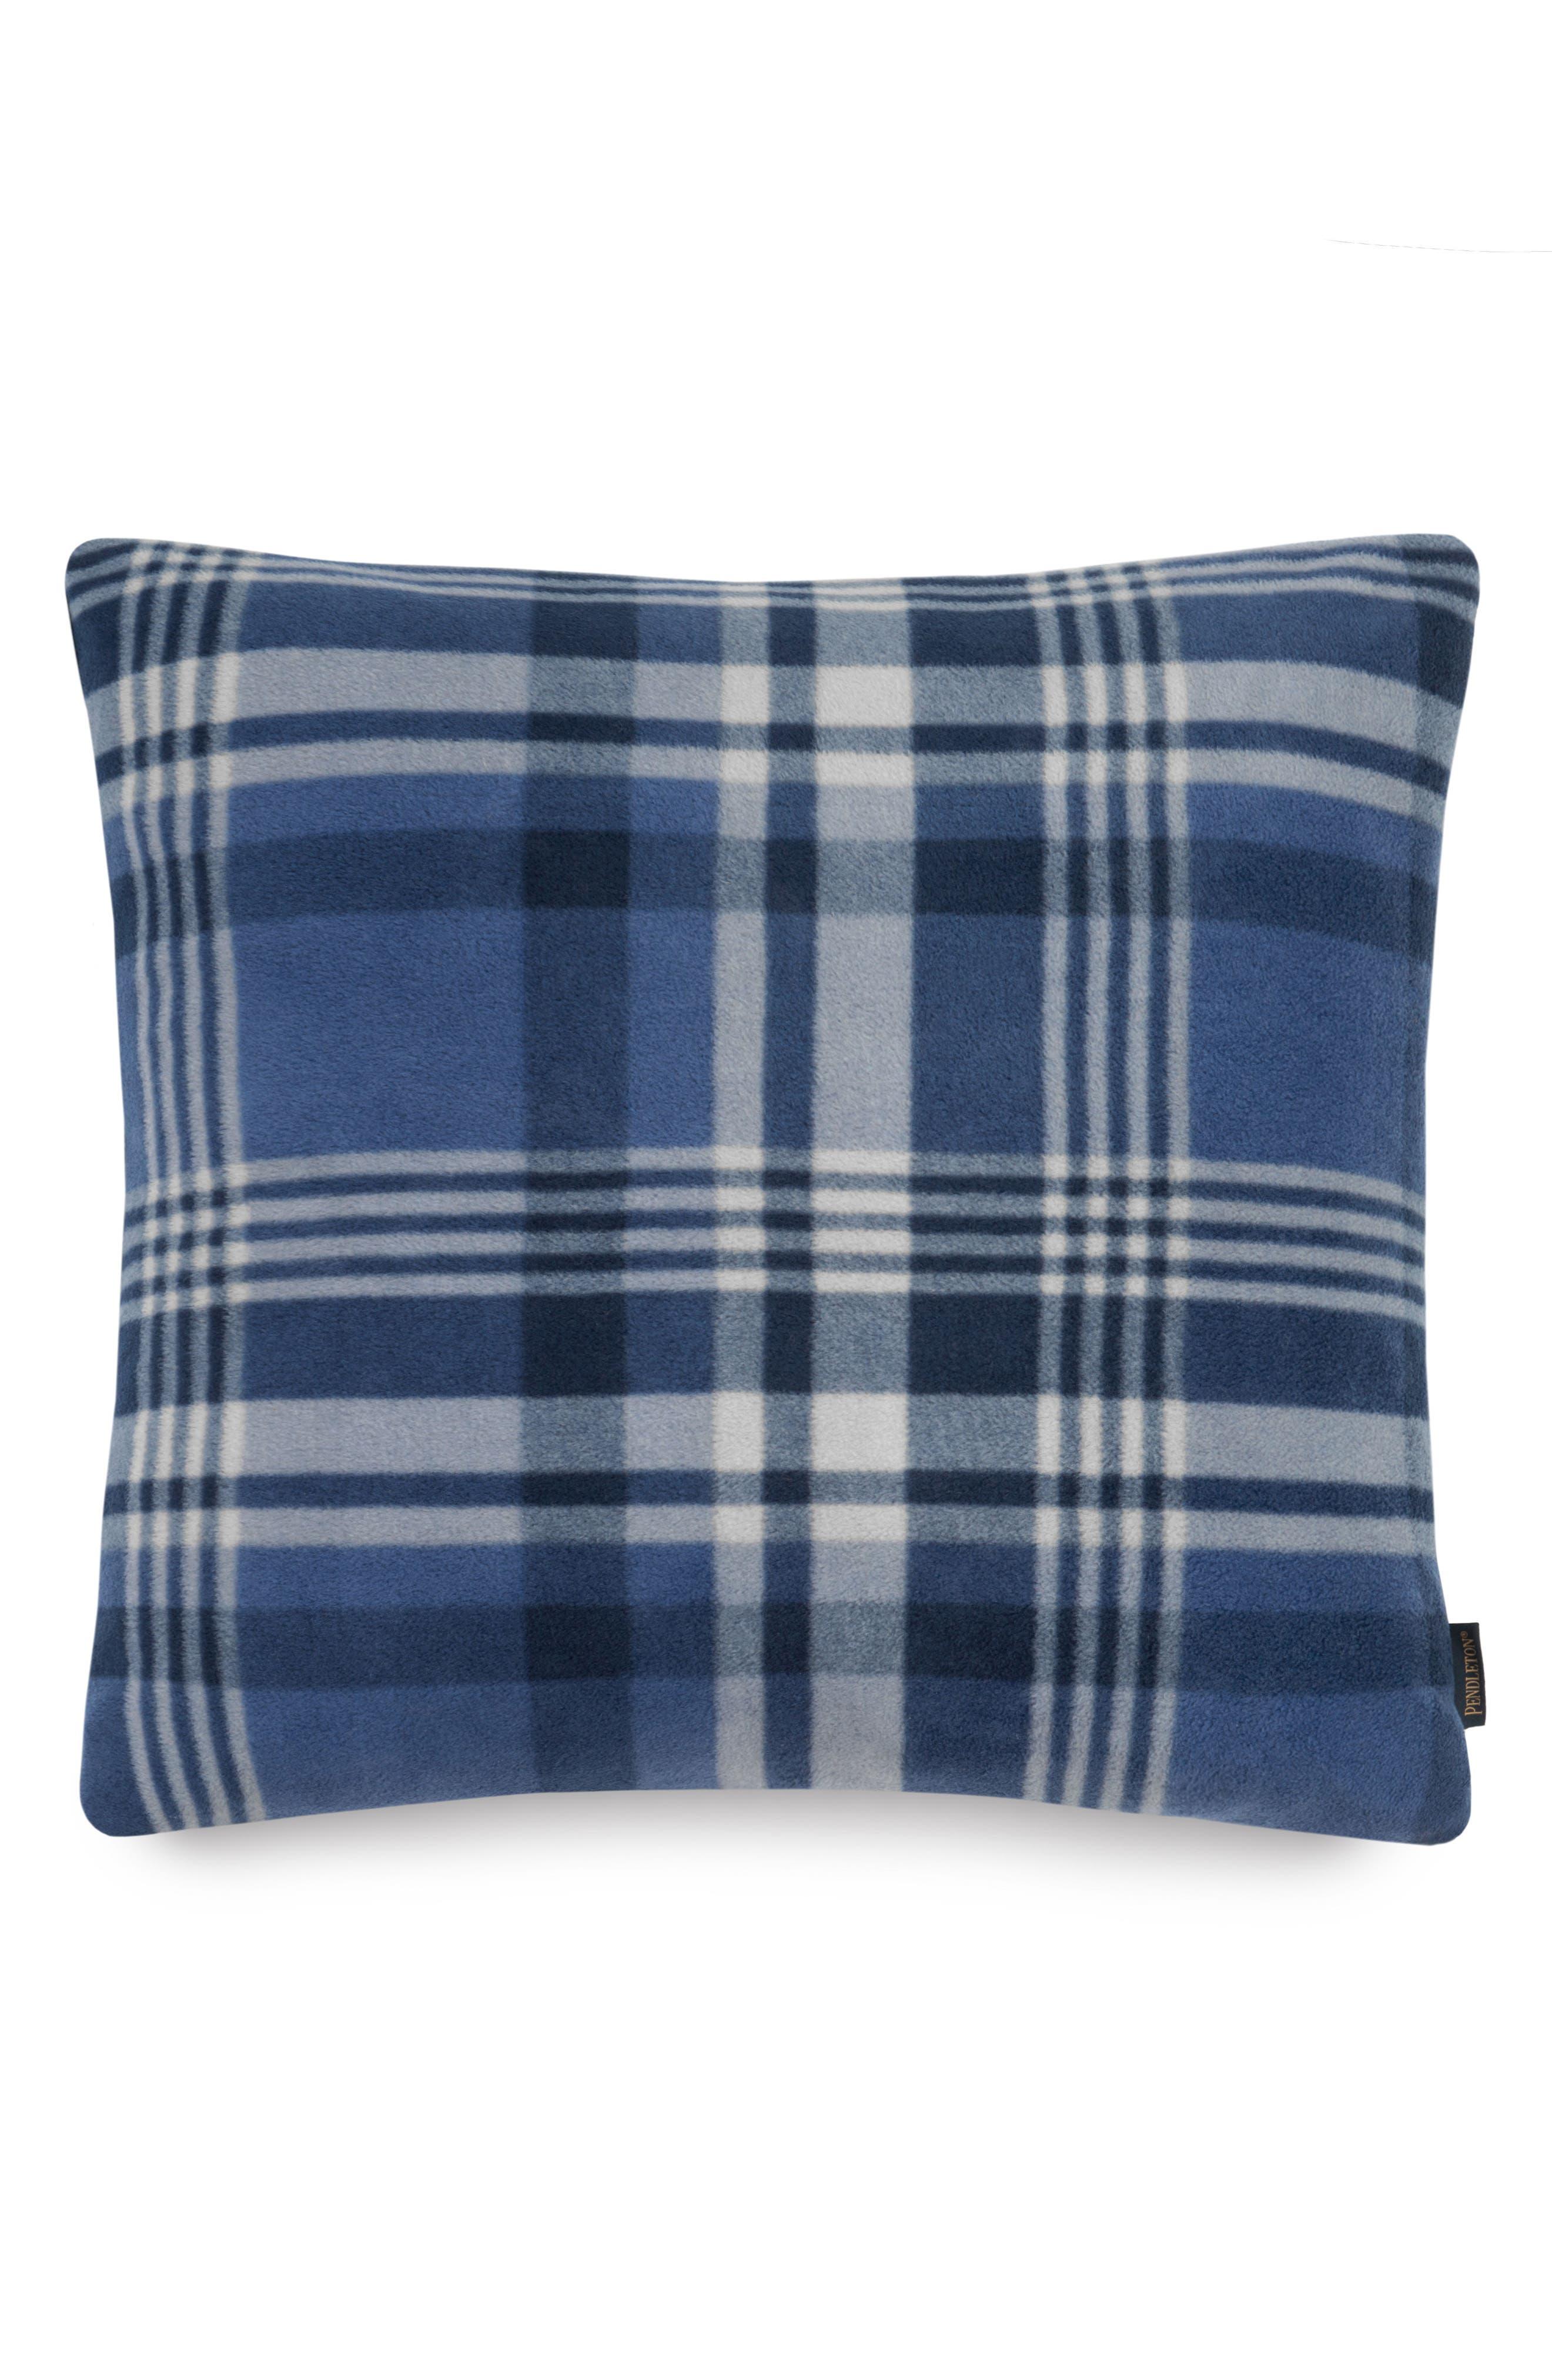 Teller Plaid Pillow,                         Main,                         color, Blue